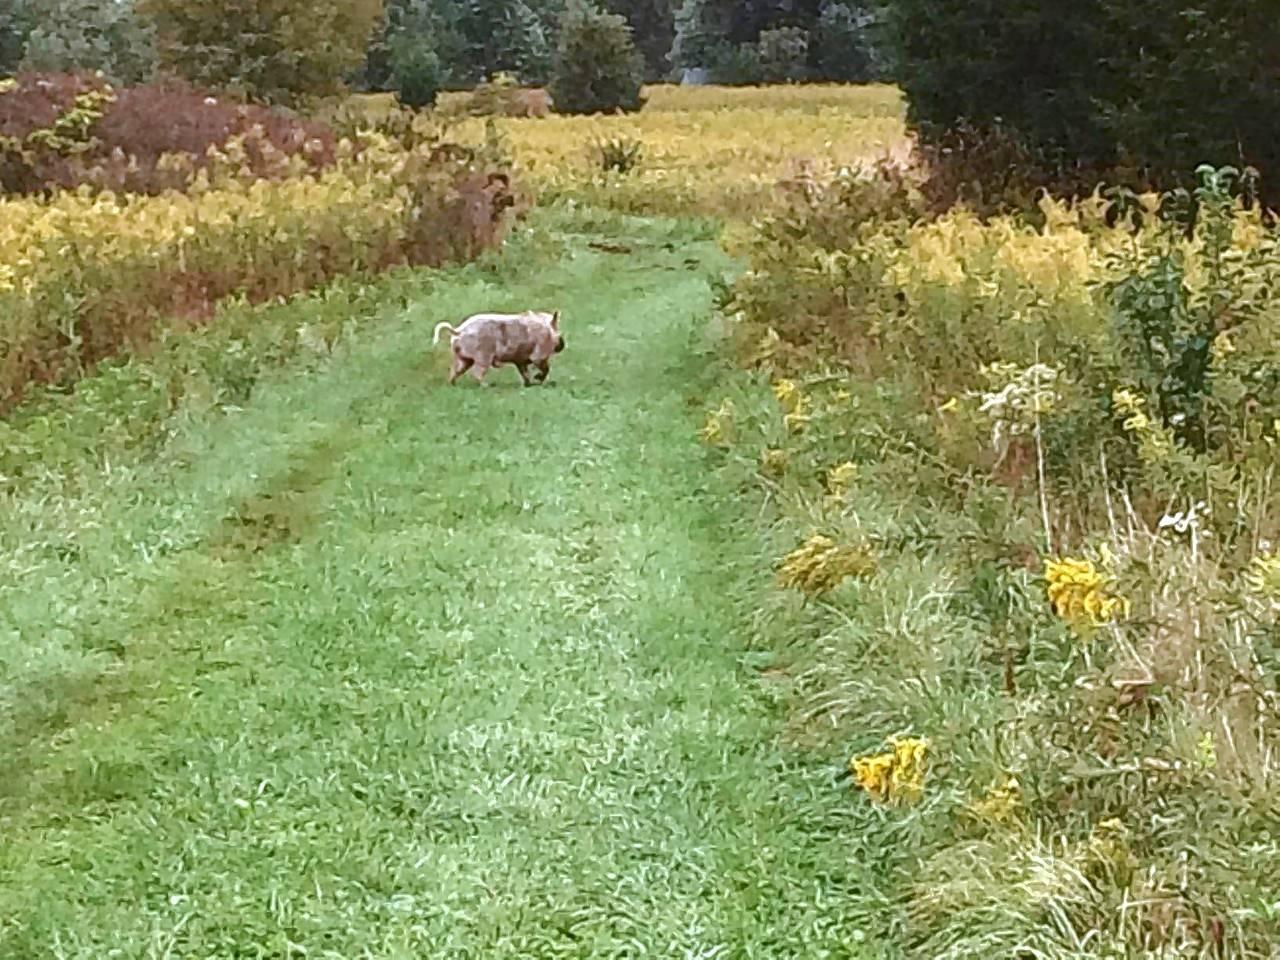 USDA kills pig at Naperville-area forest preserve